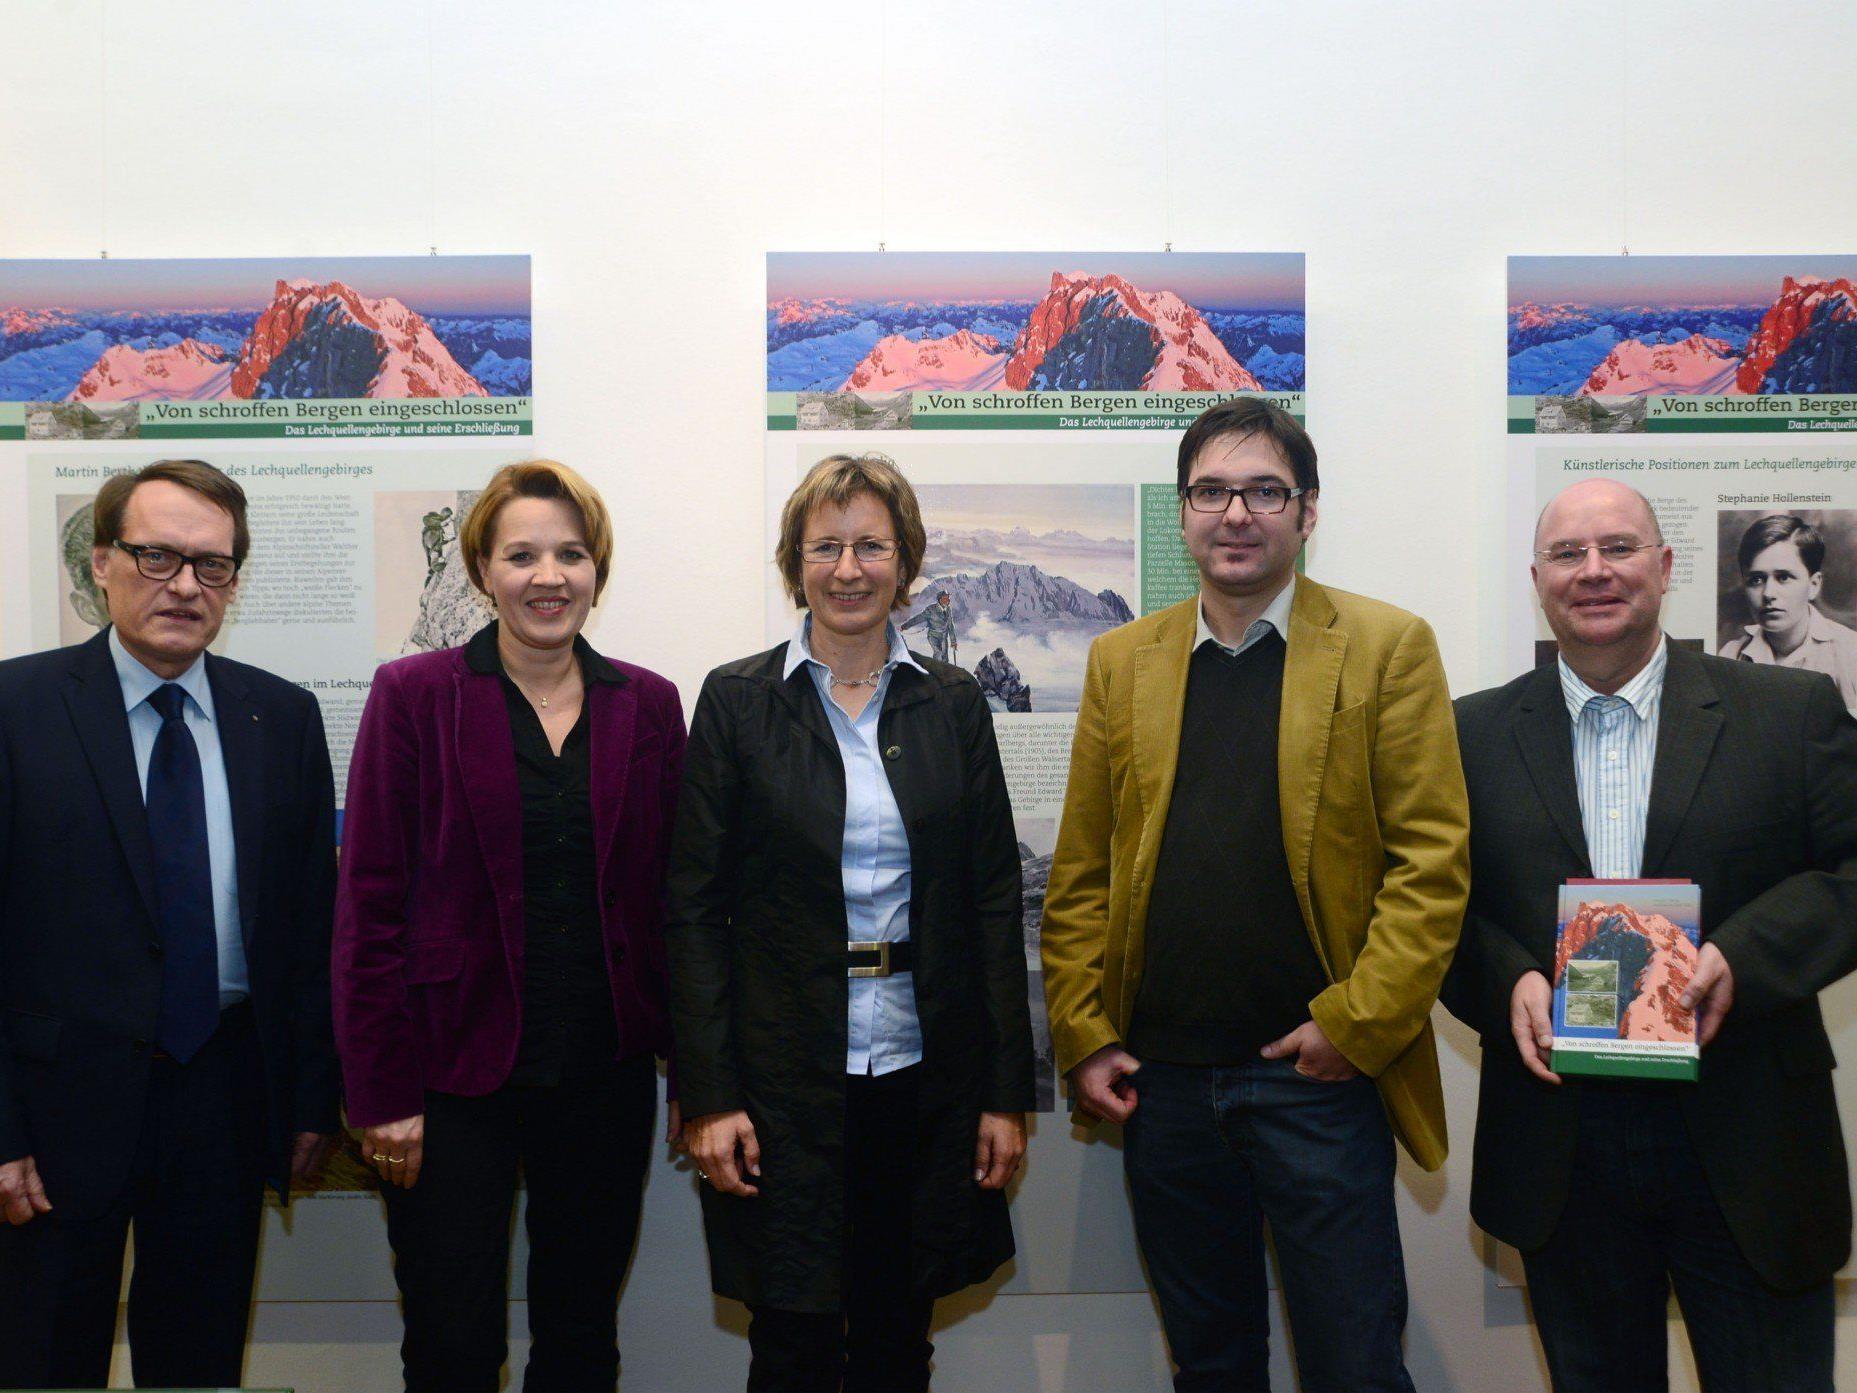 Eröffnung der Ausstellung über die Erschließung des Lechquellengebirges.